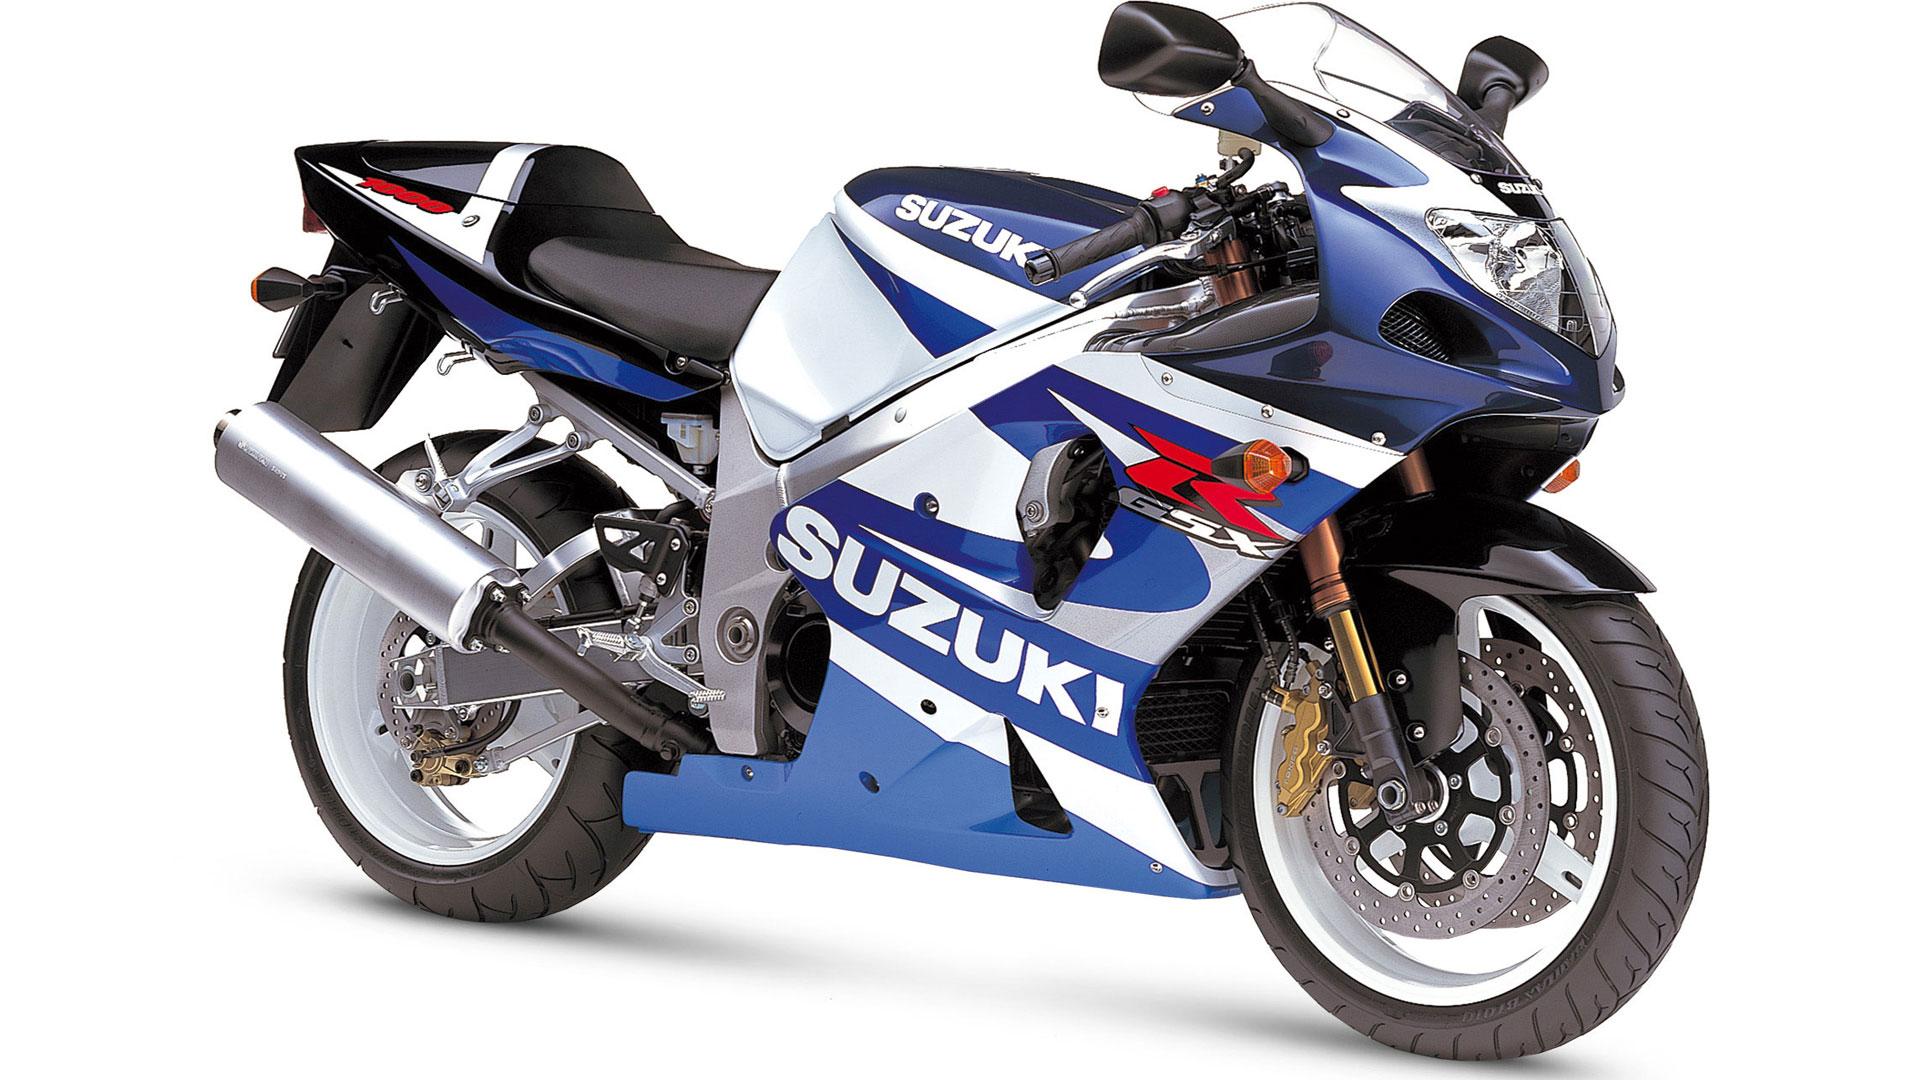 2001 Suzuki GSX-R1000